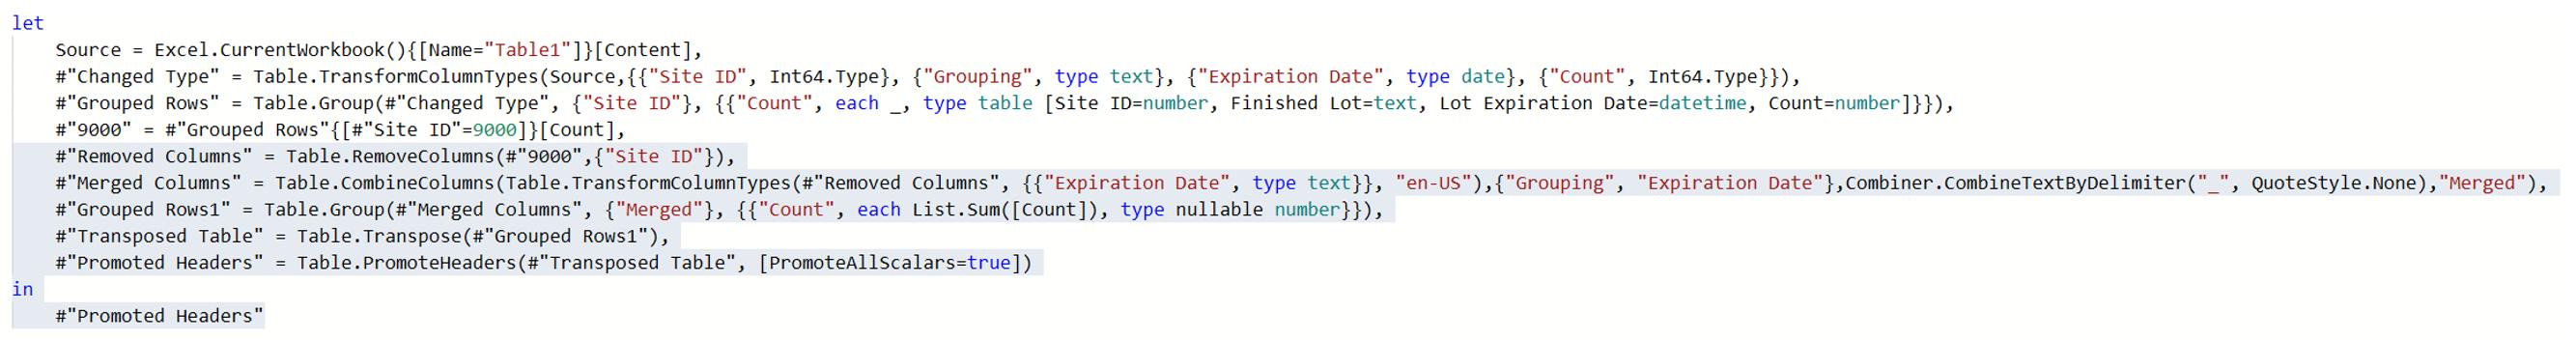 Copying code